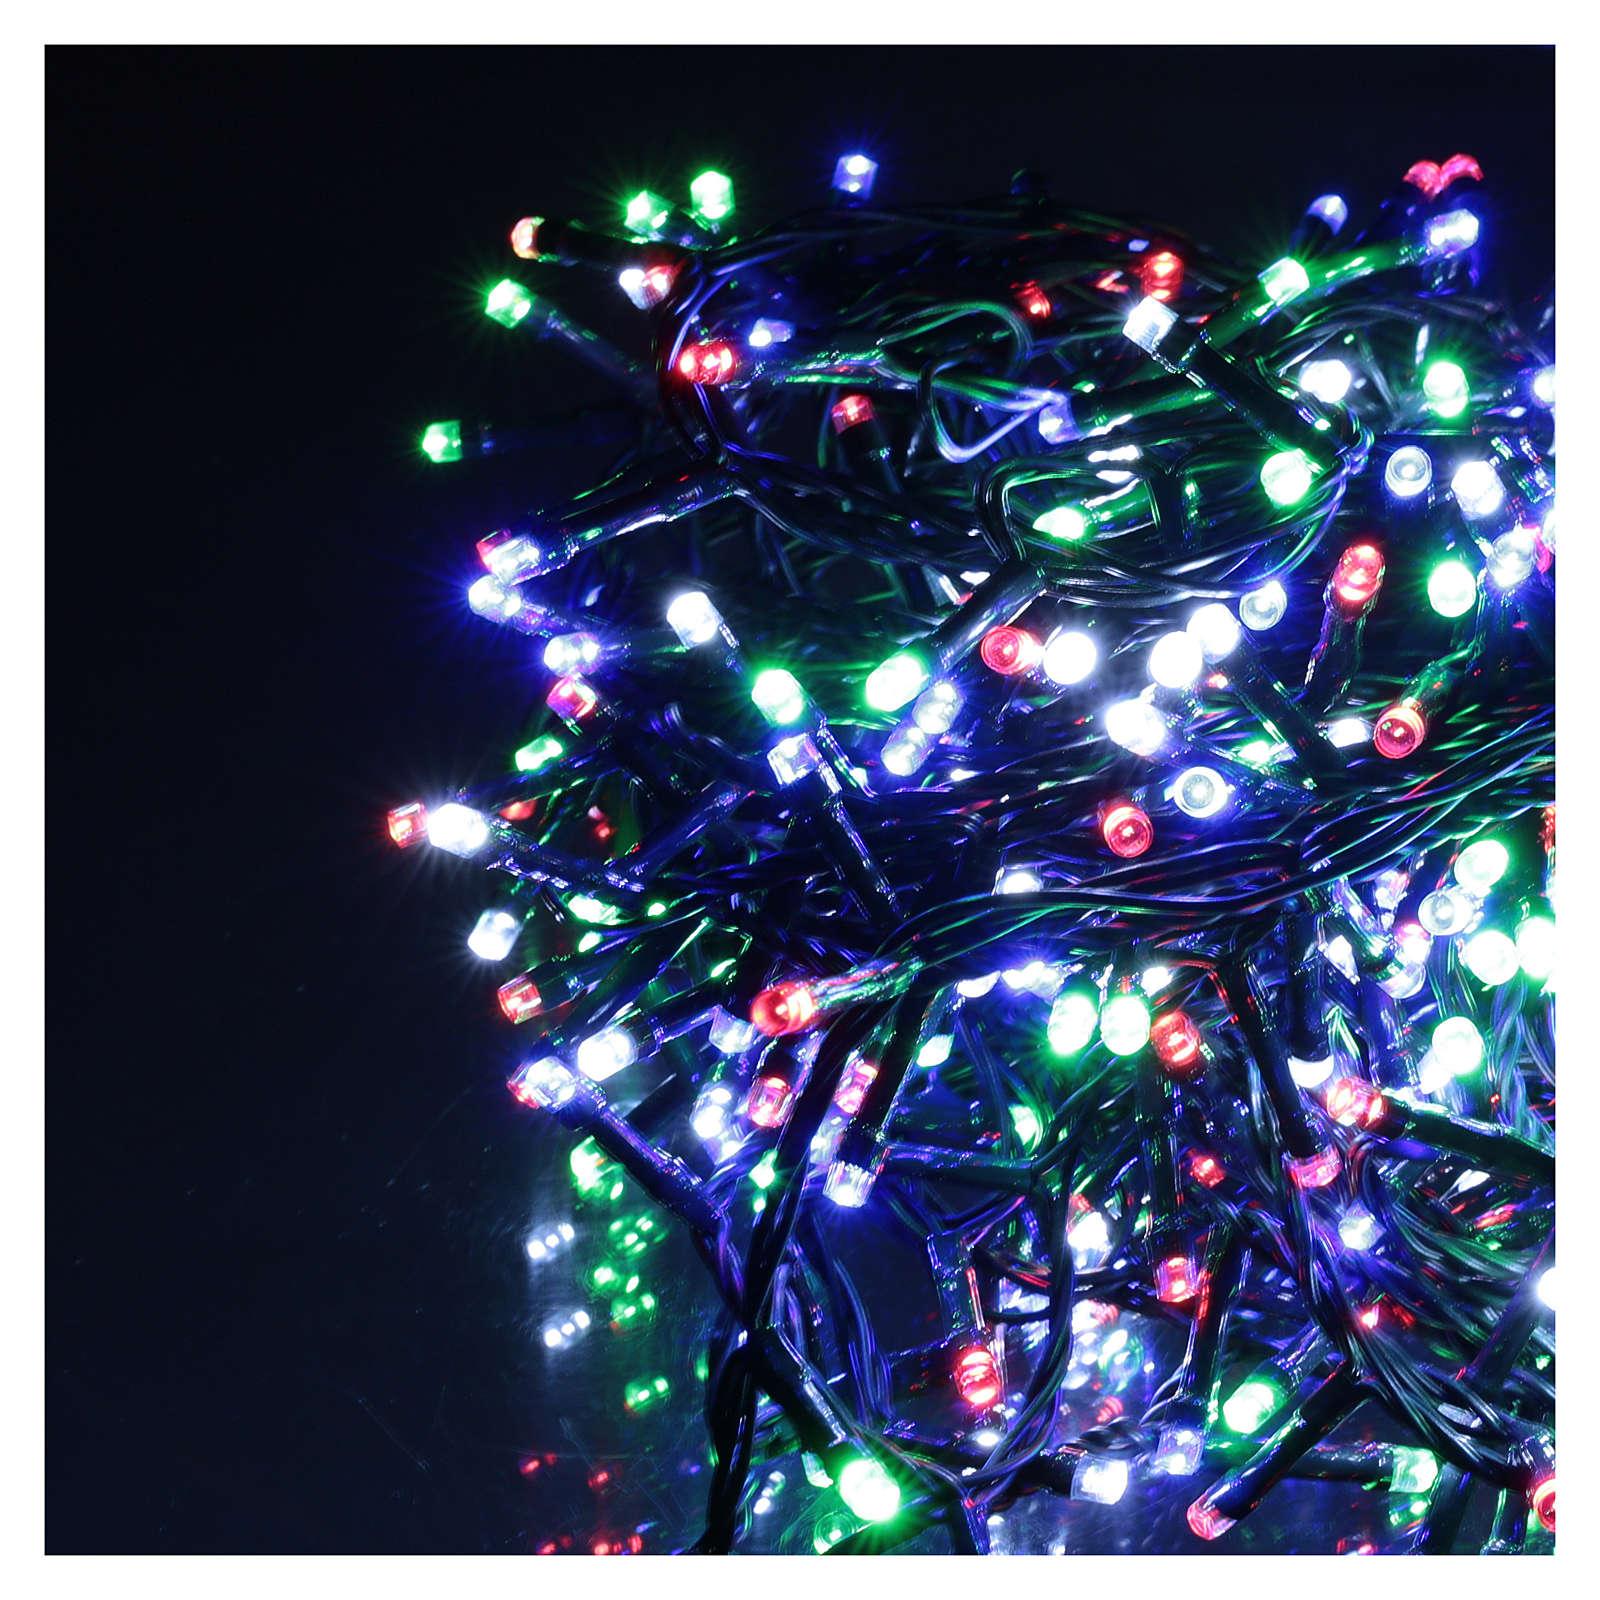 Guirlande lumineuse de Noël 360 LED multicolores pour extérieur avec boîtier 3